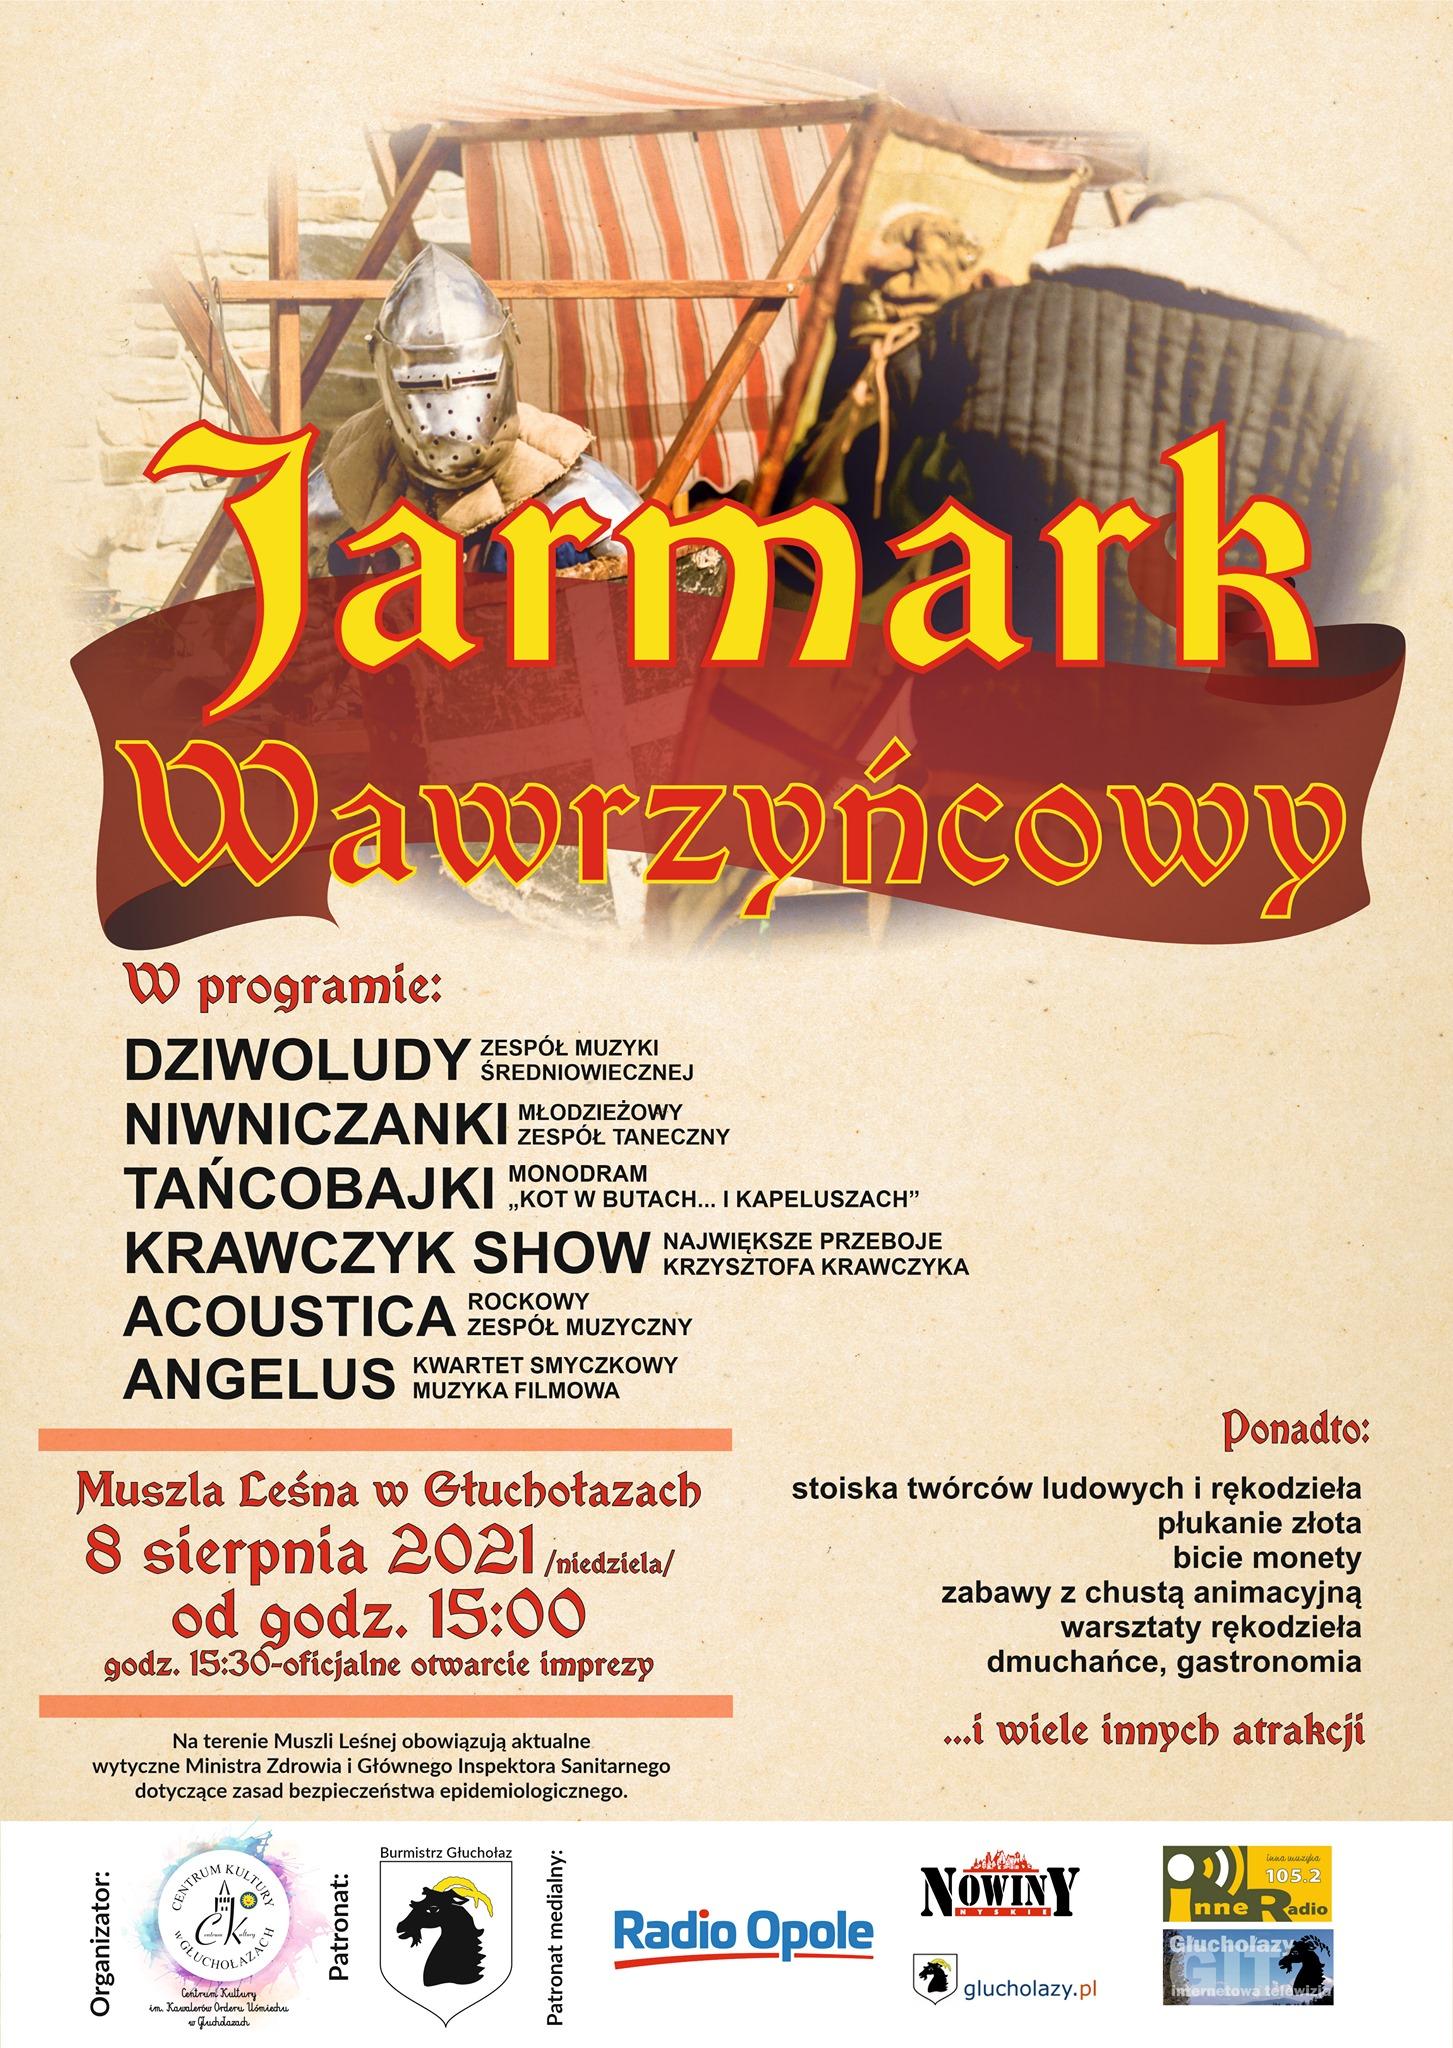 Zbliża się doroczny Jarmark Wawrzyńcowy w Głuchołazach – poznaj szczegóły! [materiały organizatora]